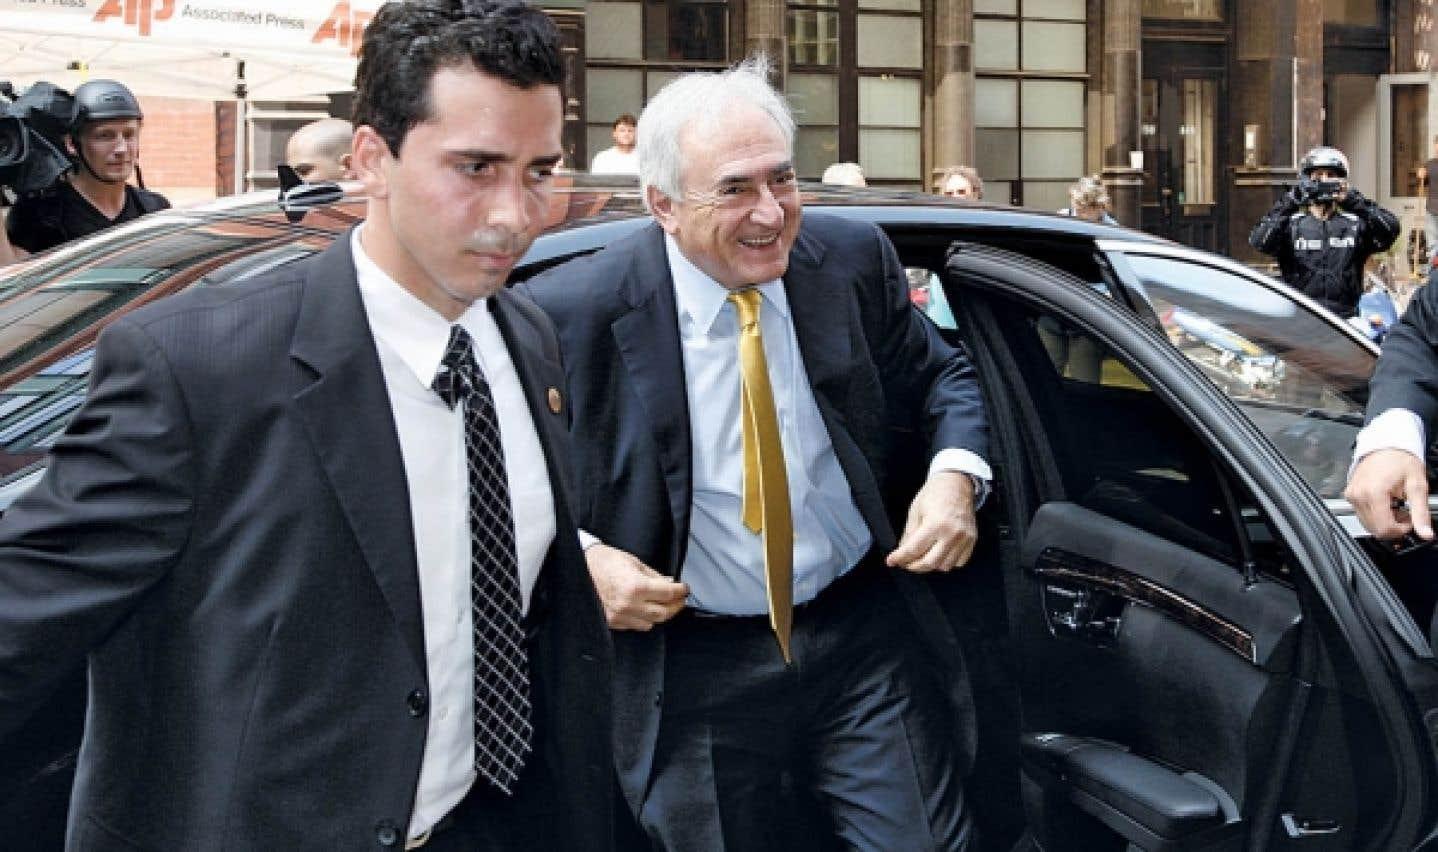 Affaire DSK: l'abandon des charges serait imminent